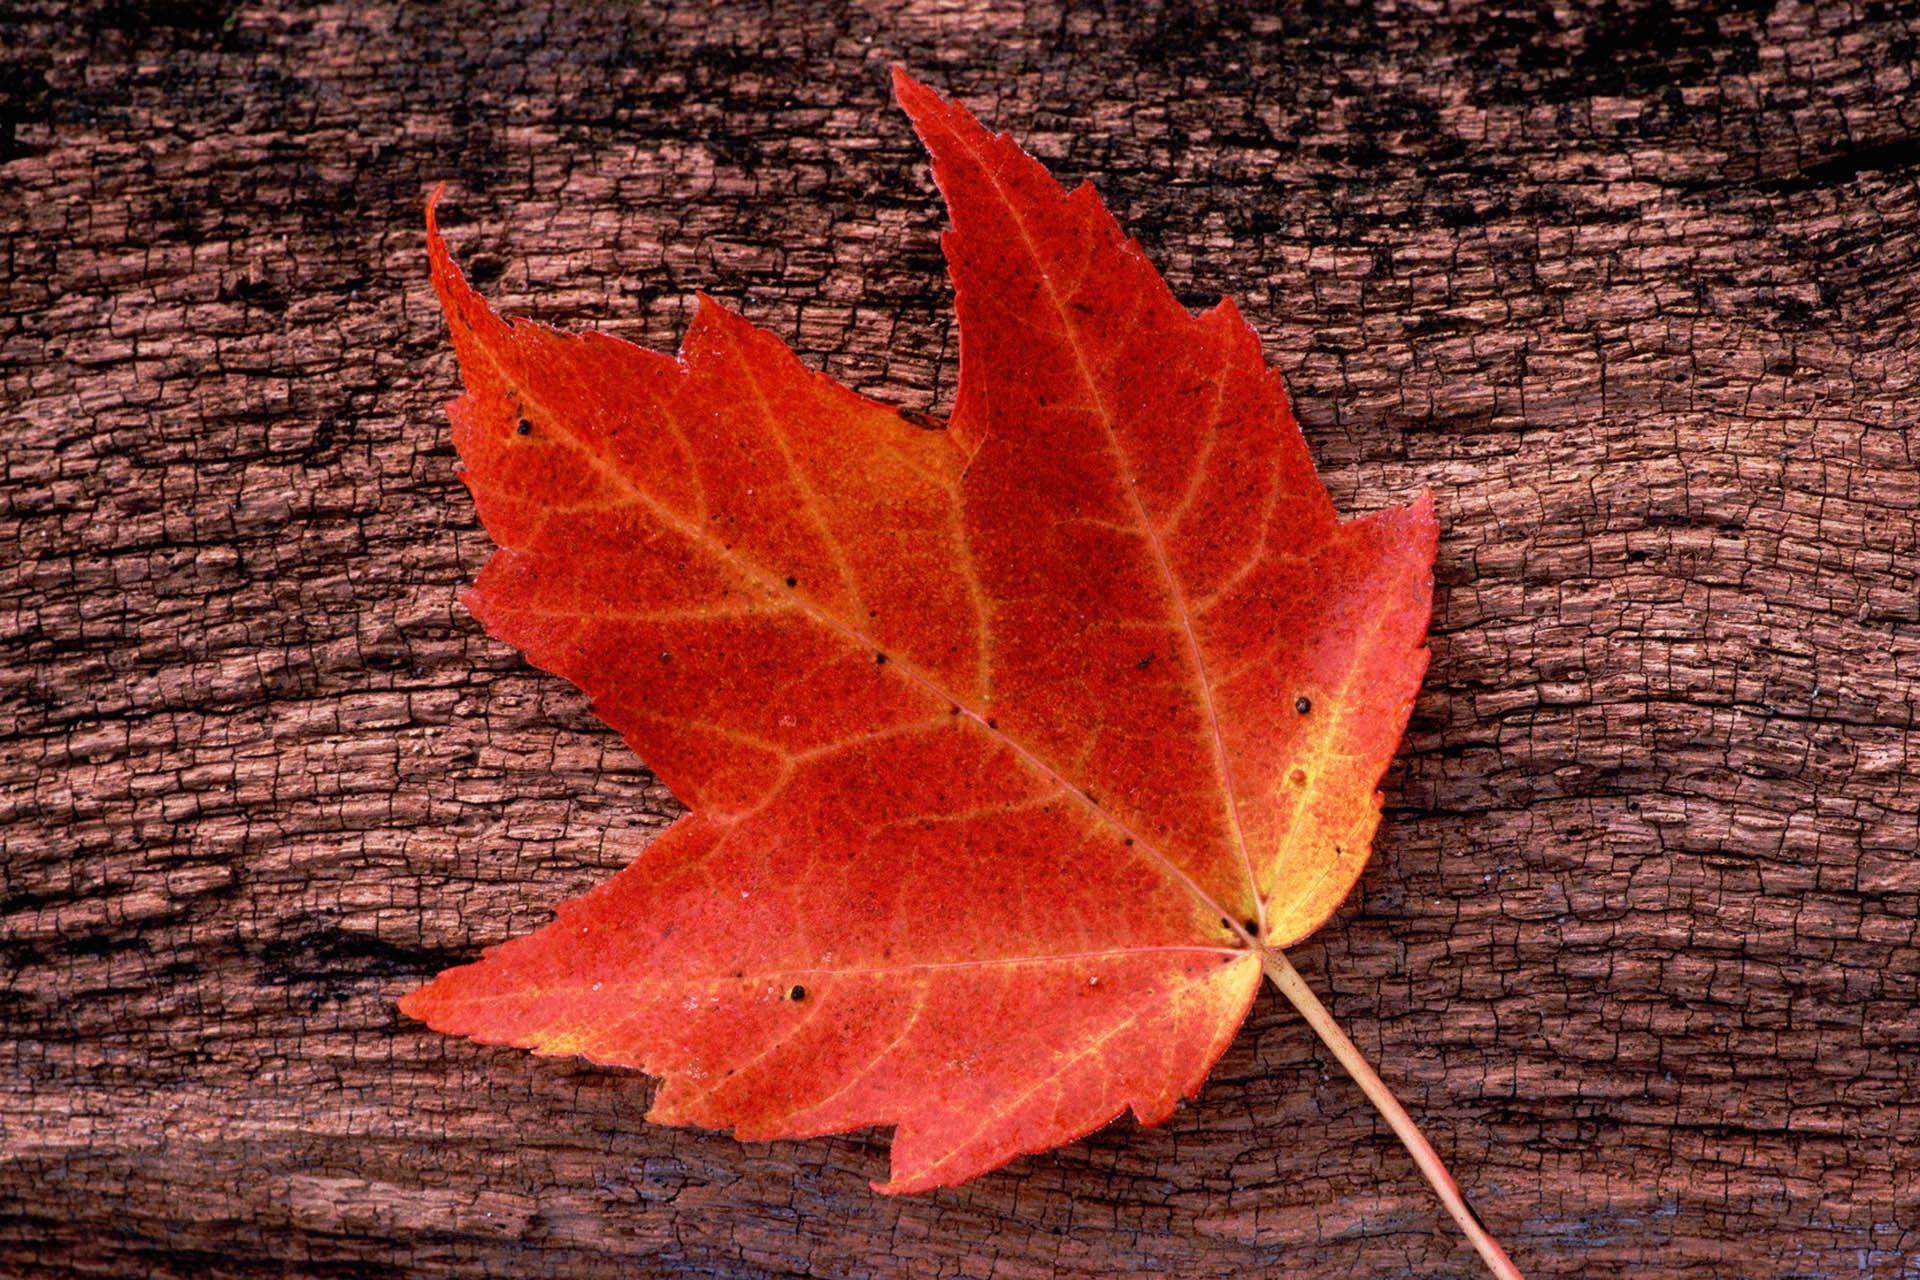 Der Herbst geht ums Haus: Schützen Sie Ihre Immobilie vor Sturm, Kälte & Co.